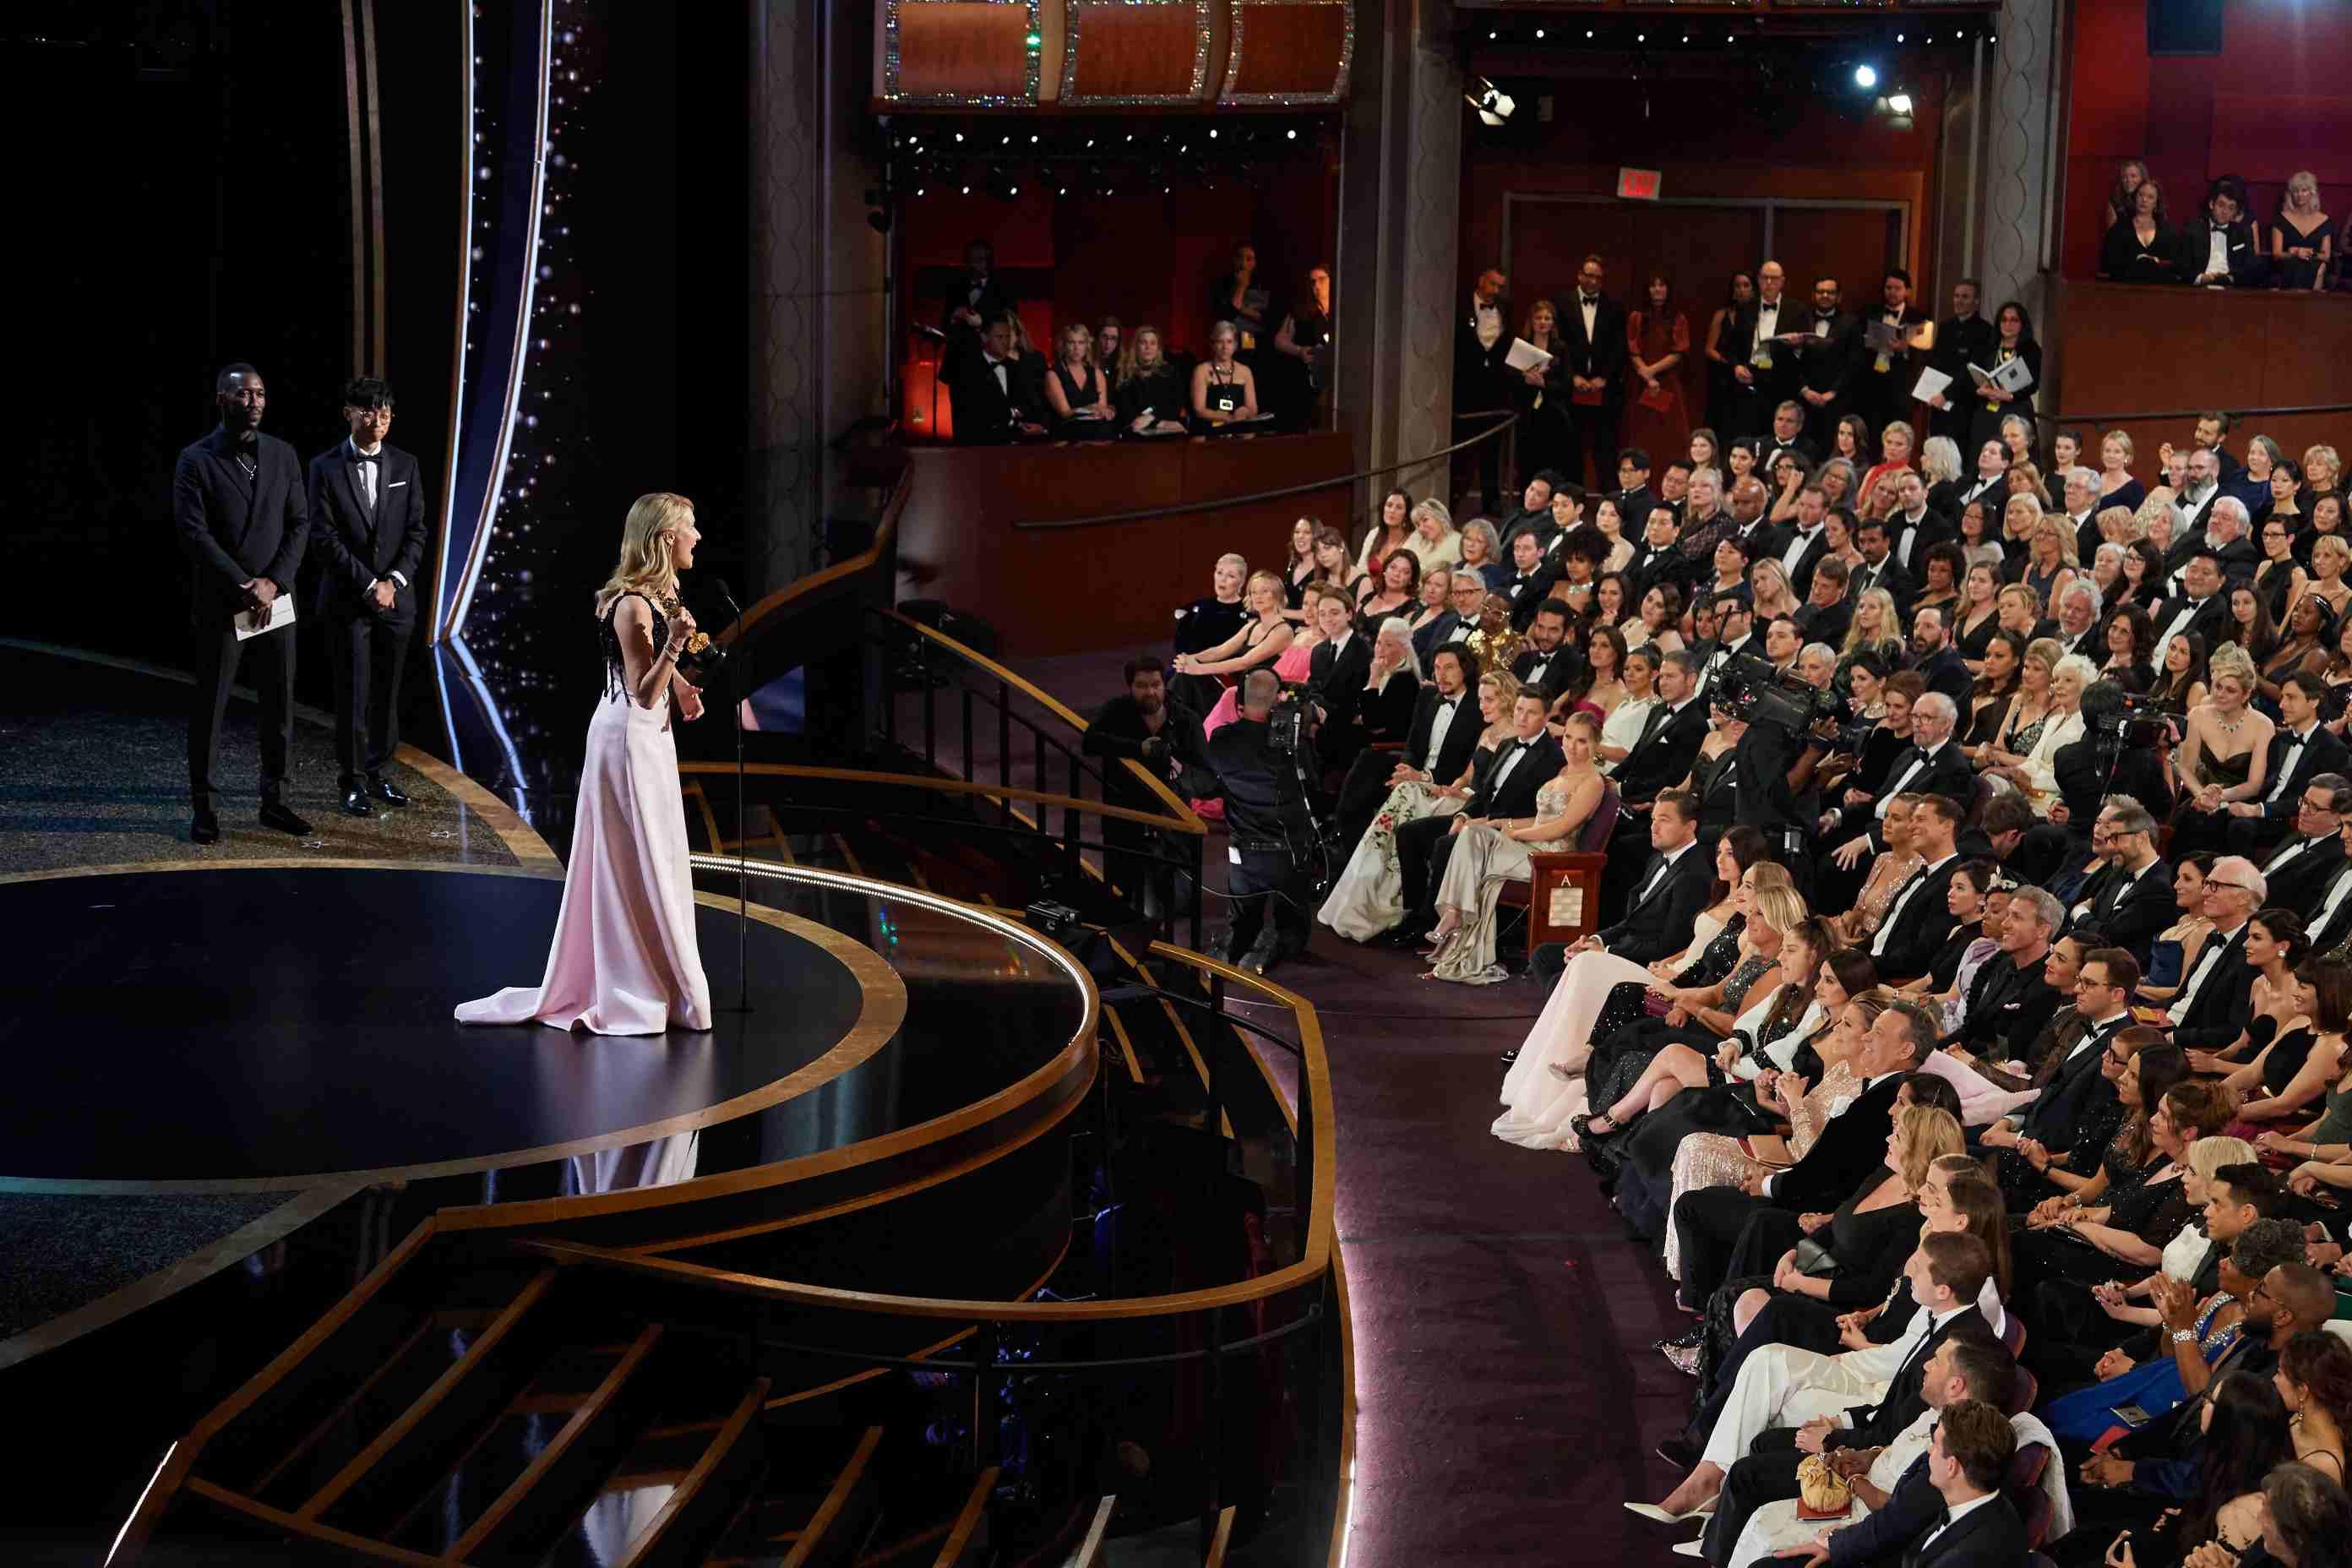 Premiile Oscar® 2020 și deschiderea Muzeului Academiei – noile date